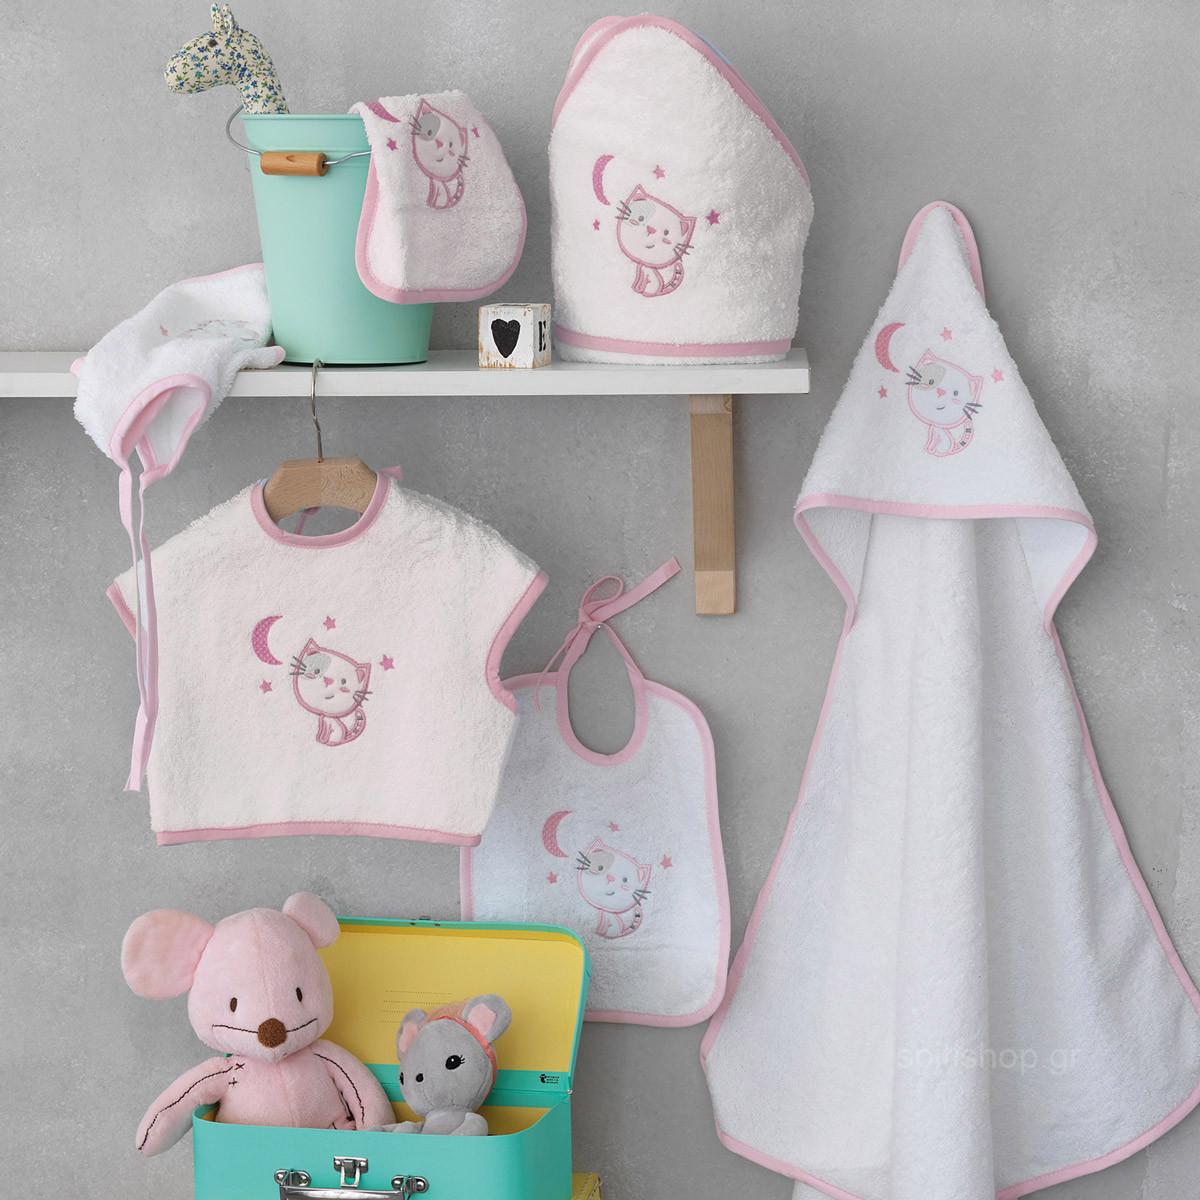 Βρεφικό Σετ Λουτρού Palamaiki Baby Joia 565 Pink